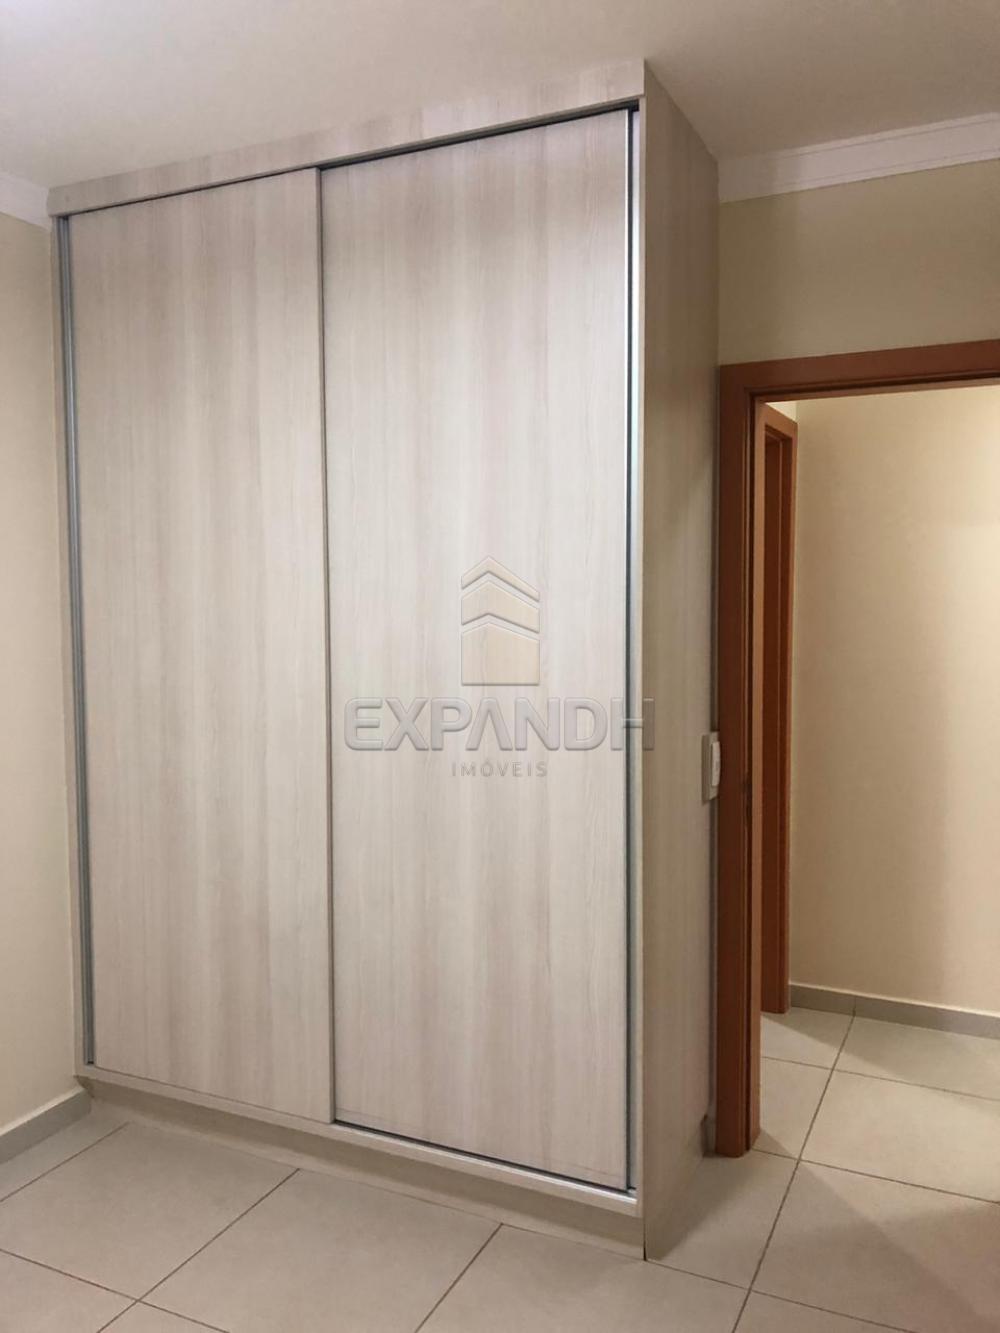 Alugar Apartamentos / Padrão em Sertãozinho apenas R$ 1.300,00 - Foto 15